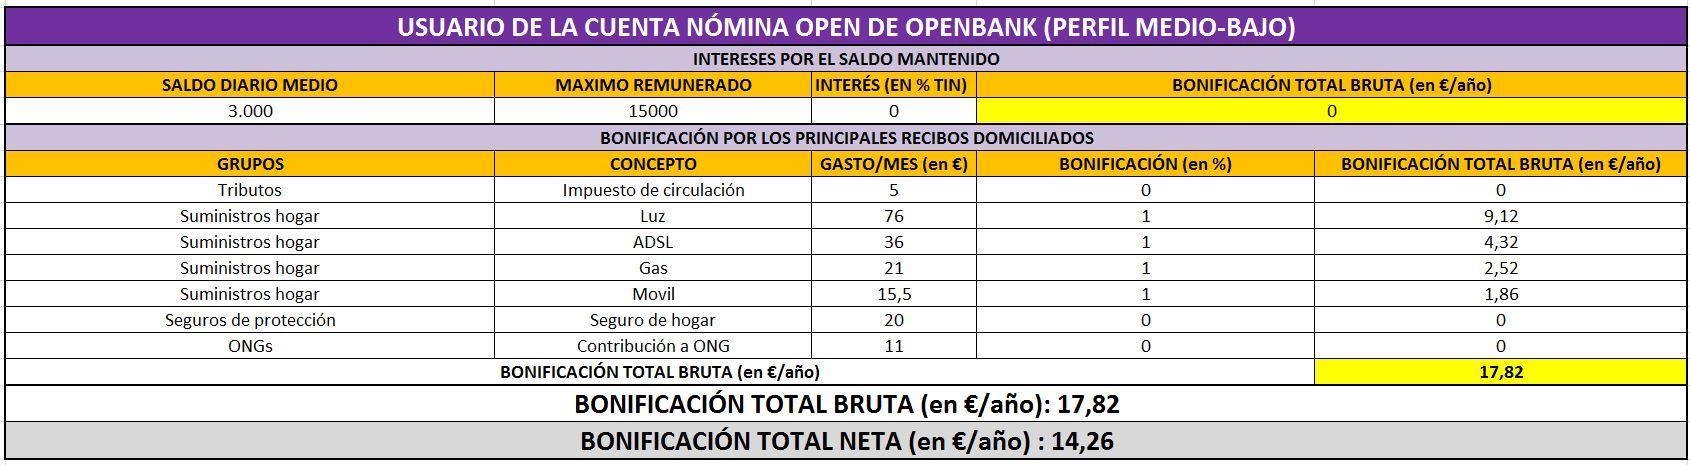 Openbank%20perfil%20medio%20bajo